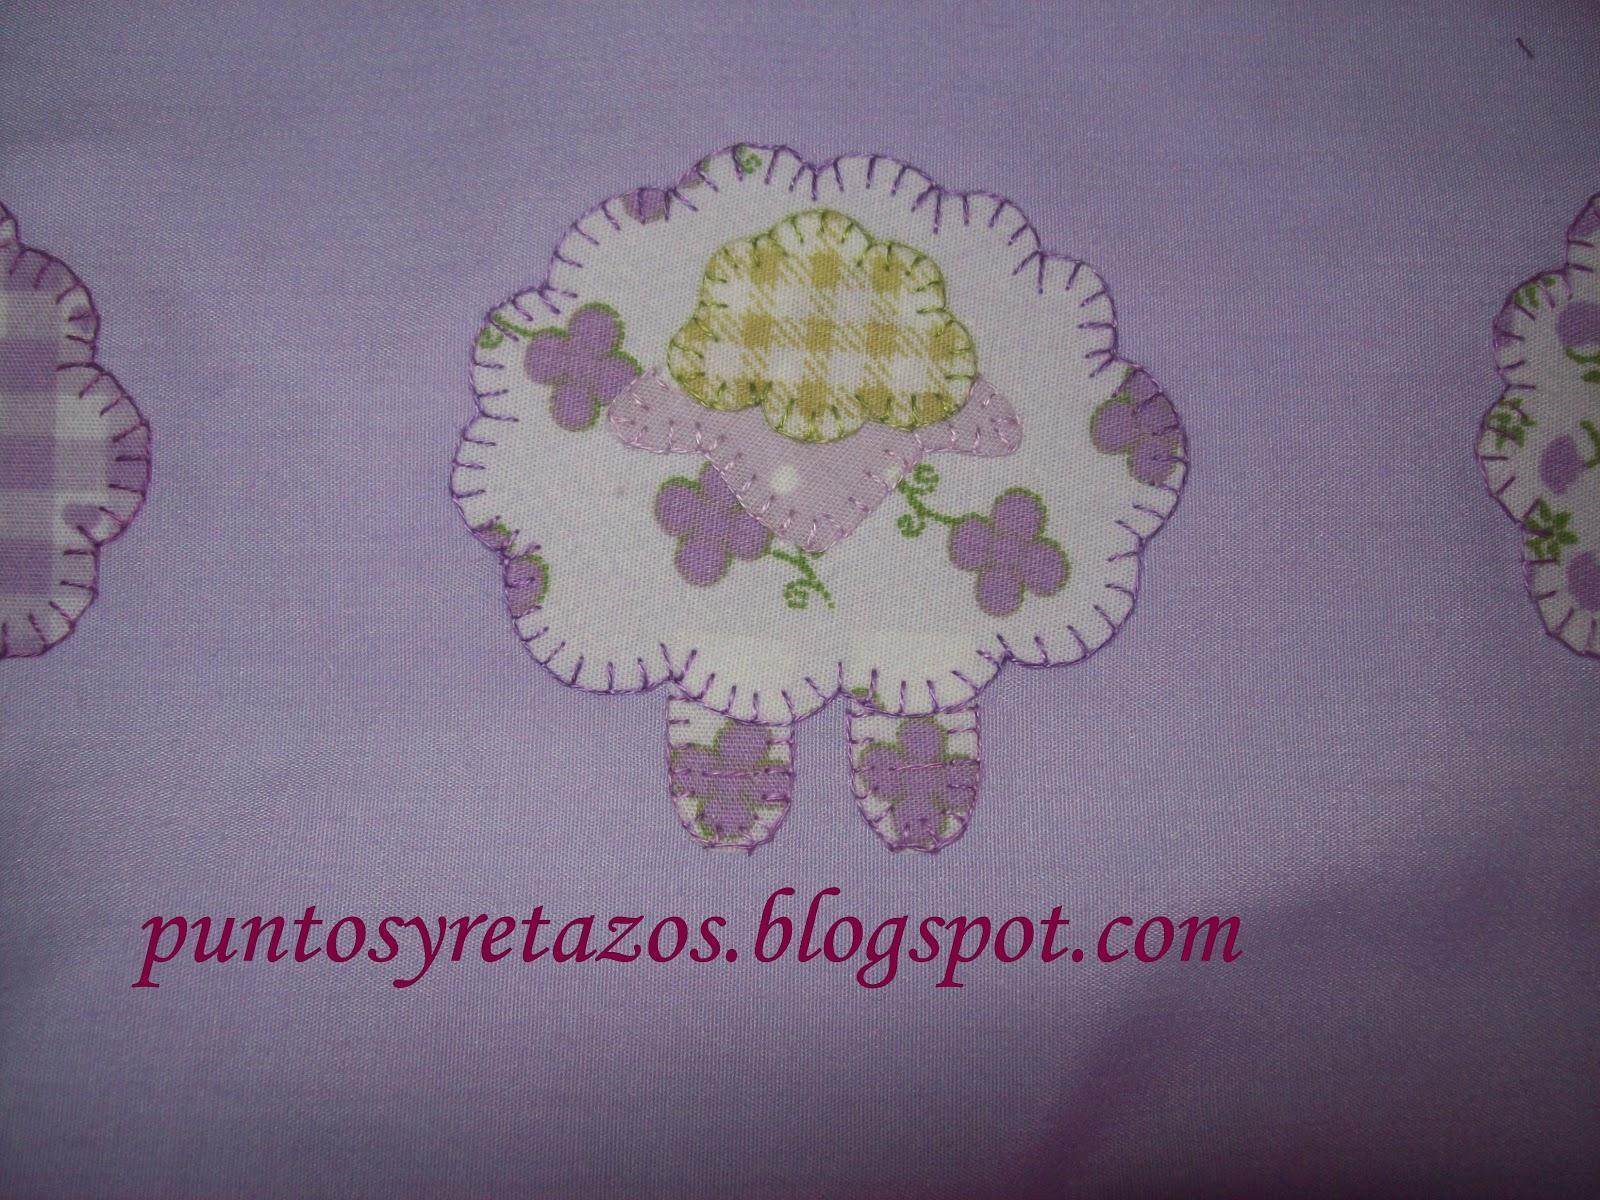 los tonos de lavanda combinan con el estampado de la sábana que tiene